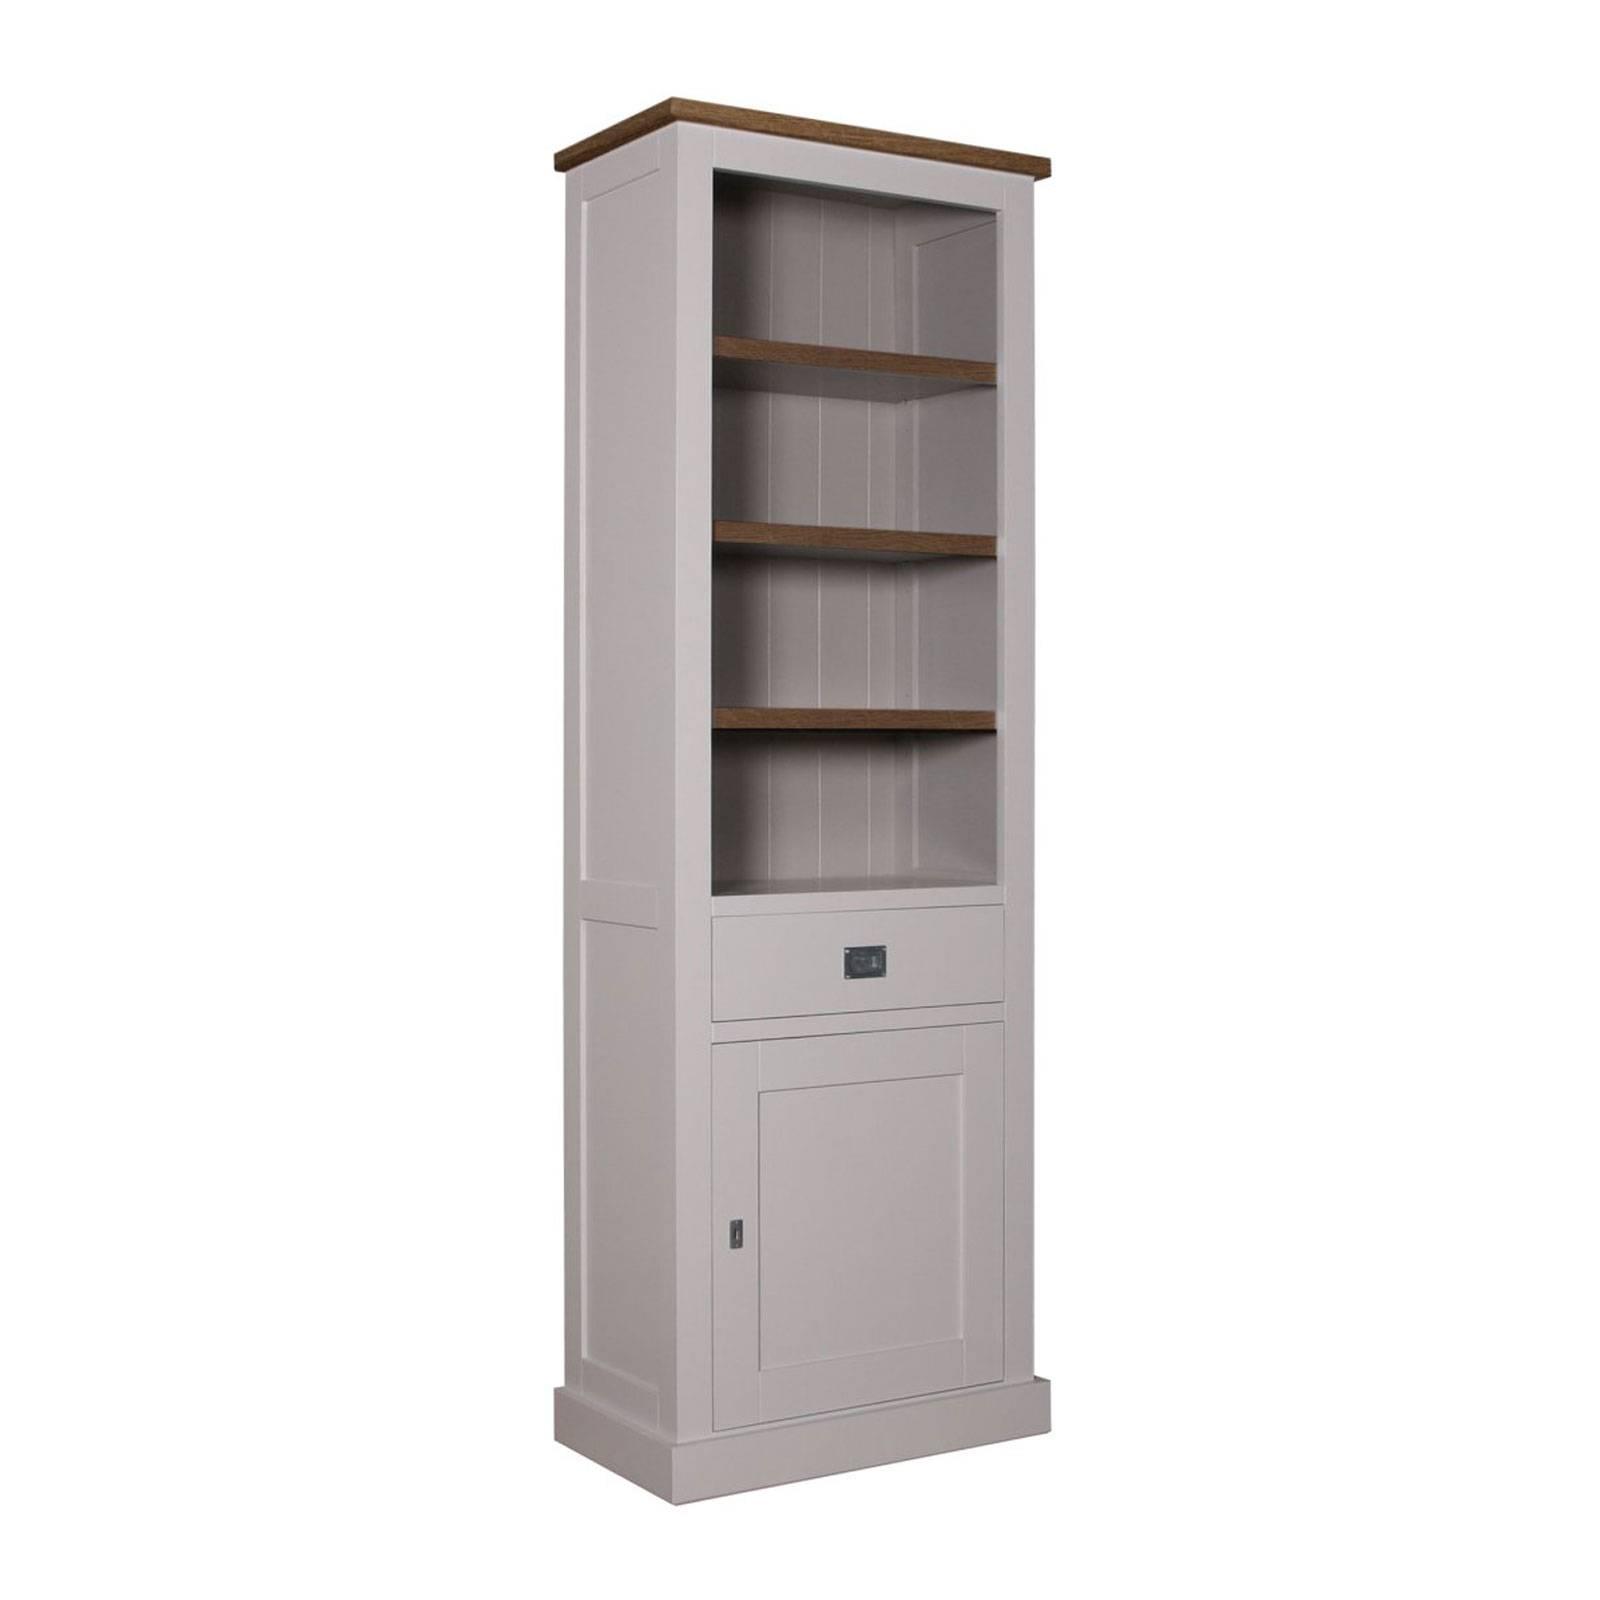 """Bibliothèque 1 porte 1 tiroir - tourne à droite """"Kubic Oak"""" - bibliothèque bois massif"""